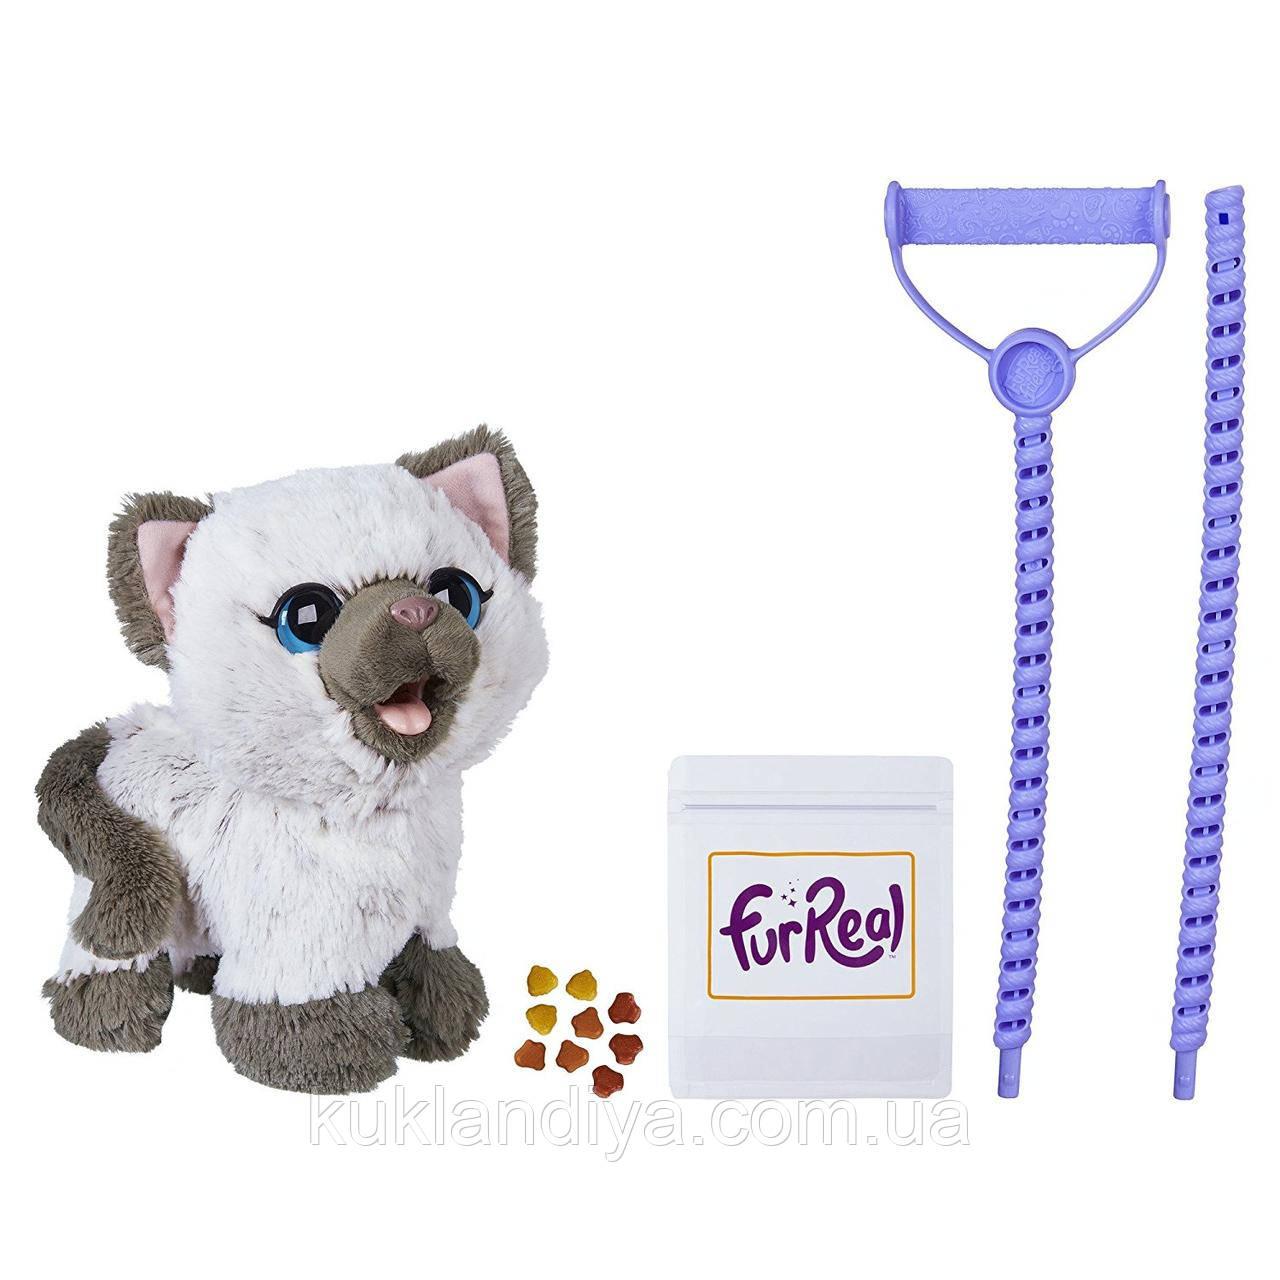 Інтерактивний Кумедний кошеня Ками одне цуценя Пакса FurReal Kami My Poopin' Kitty Hasbro